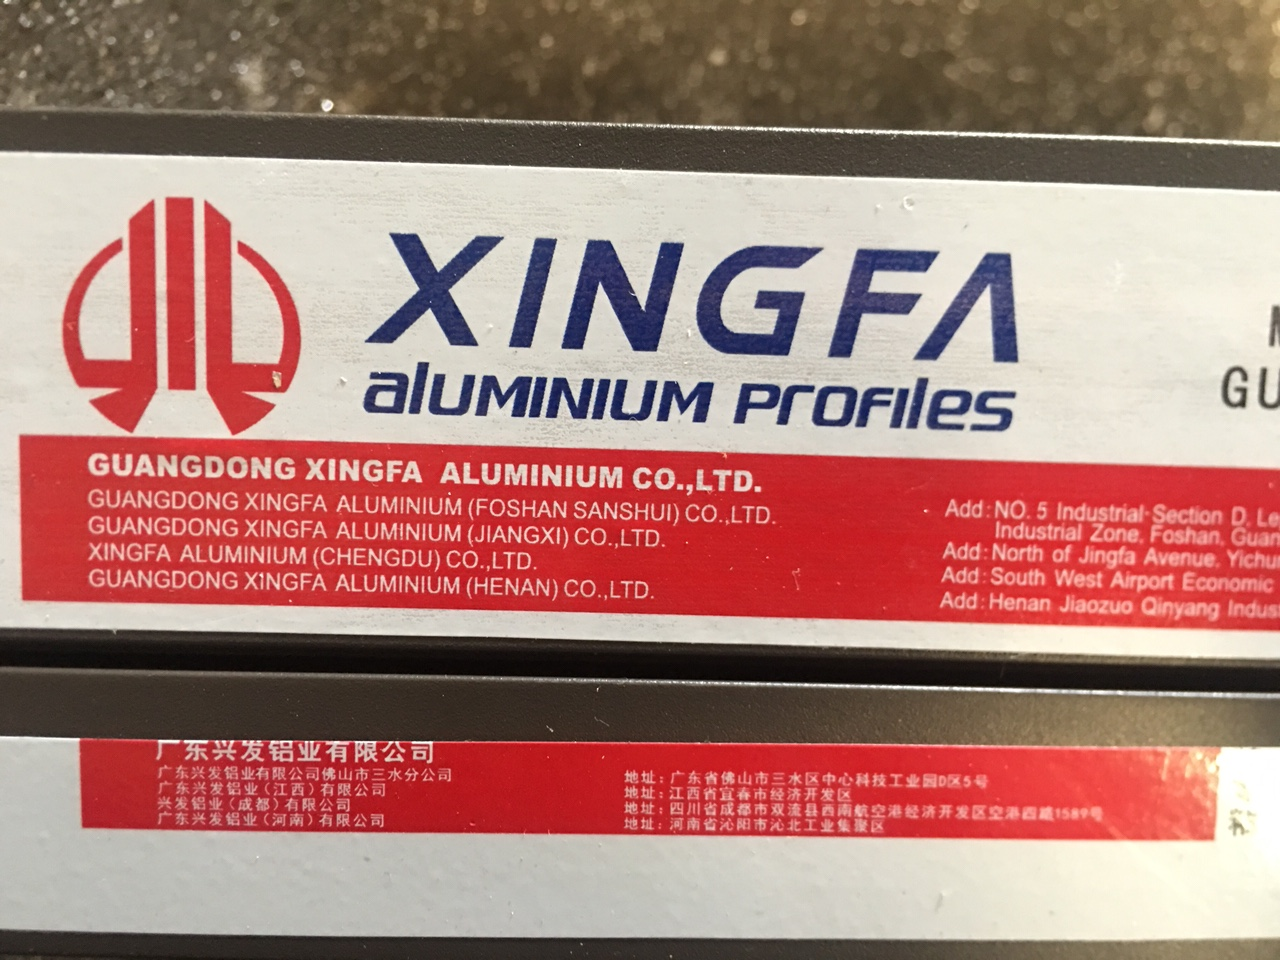 Mẫu thanh nhôm Xingfa chính hãng mới nhất đang sử dụng hiện nay với mẫu tem mới bản tiếng Anh